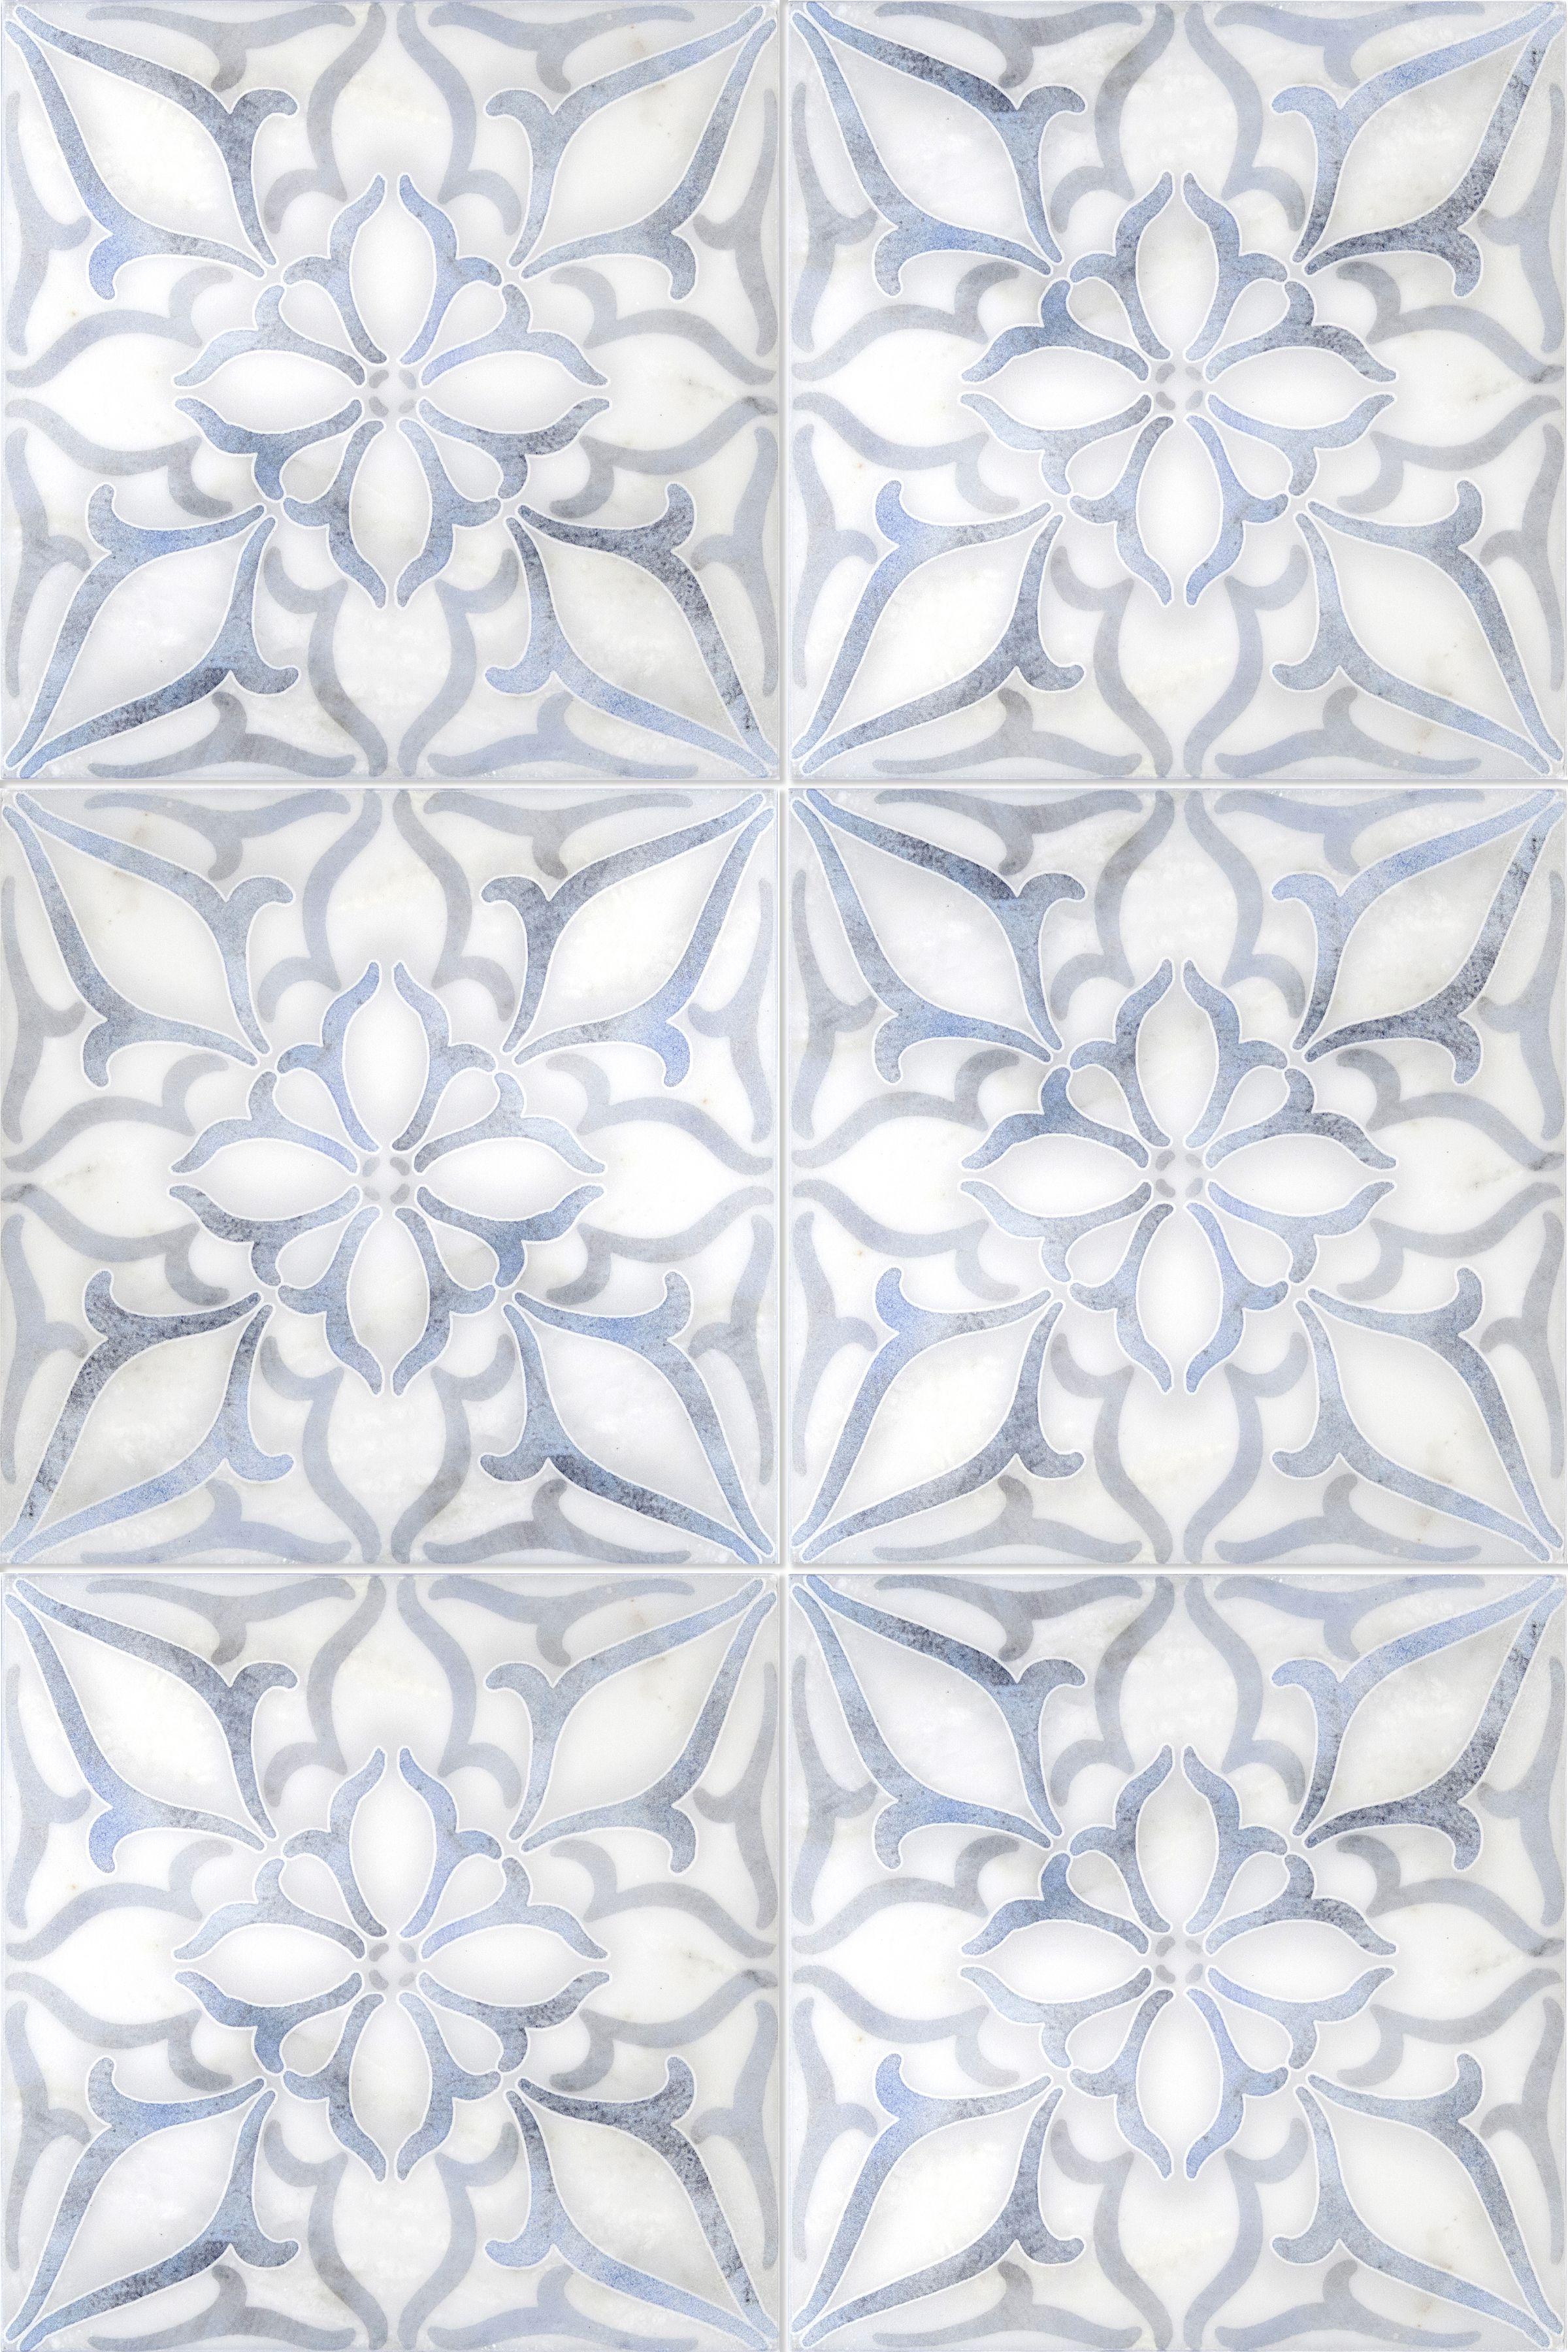 Petals Collection Patterned Tile Backsplash Artisan Stone Tile